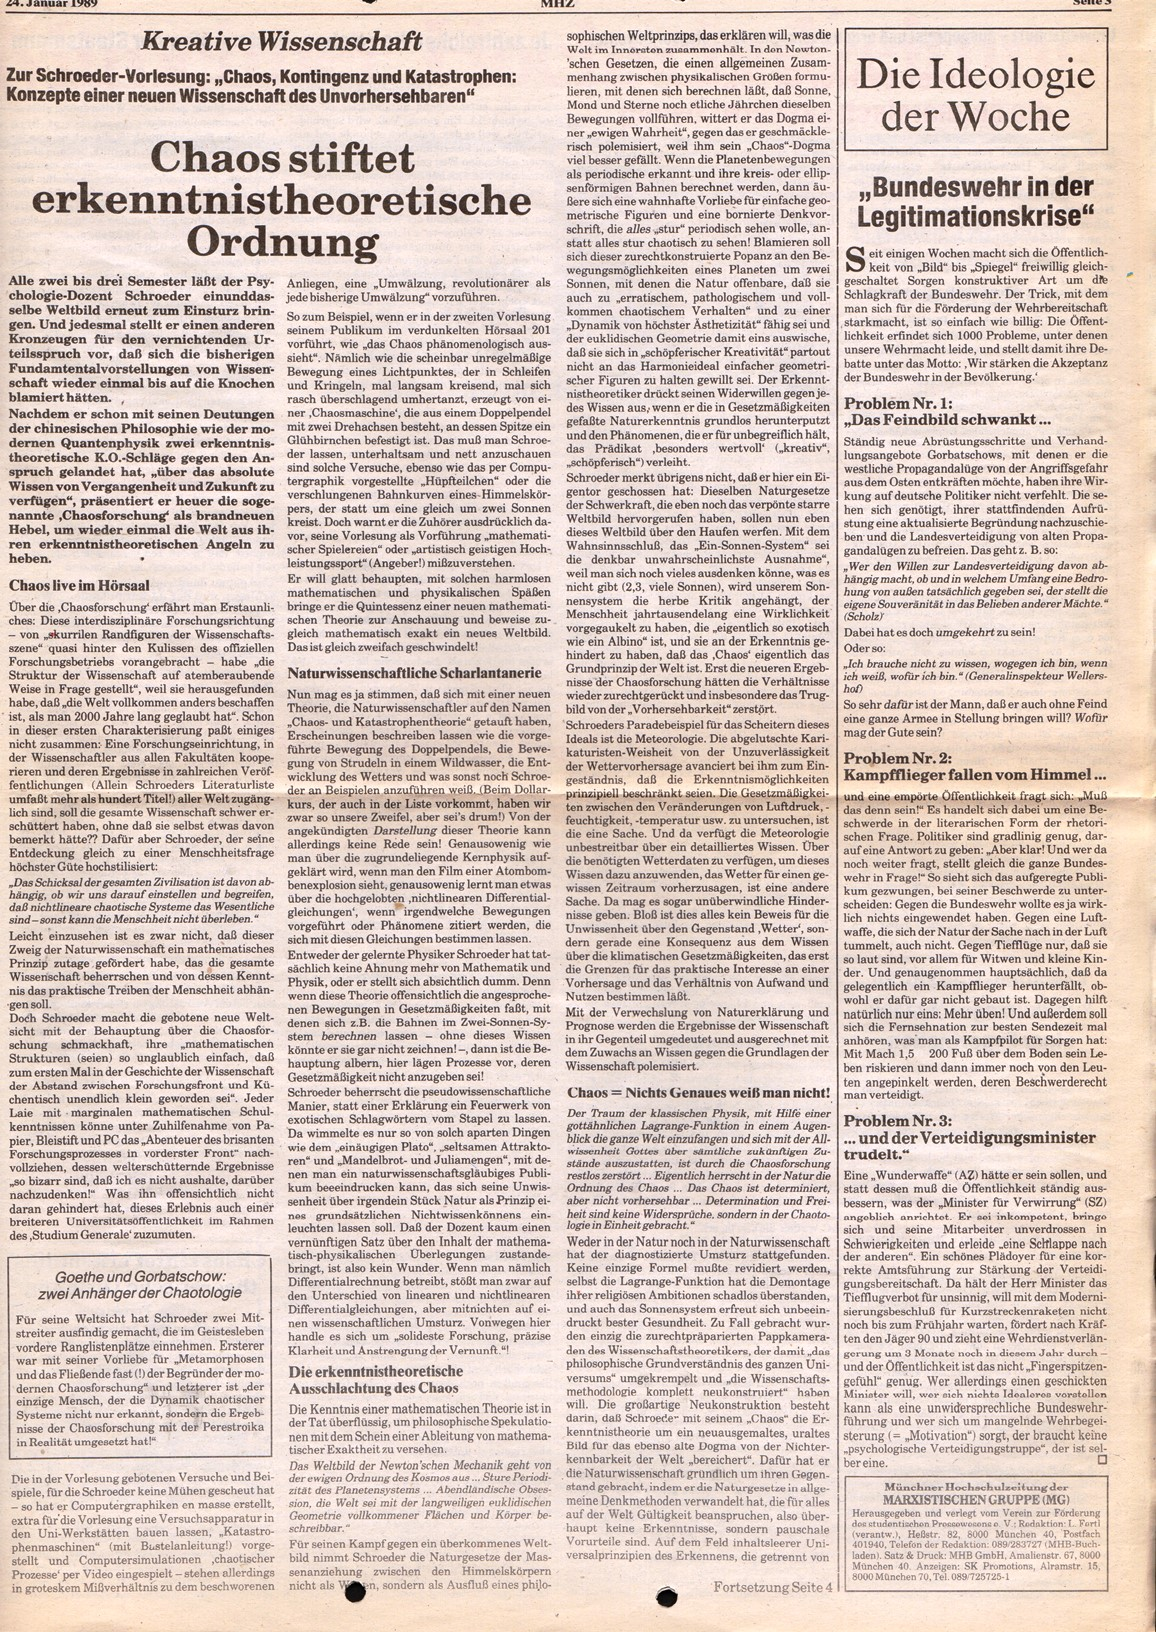 Muenchen_MG_Hochschulzeitung_19890124_03